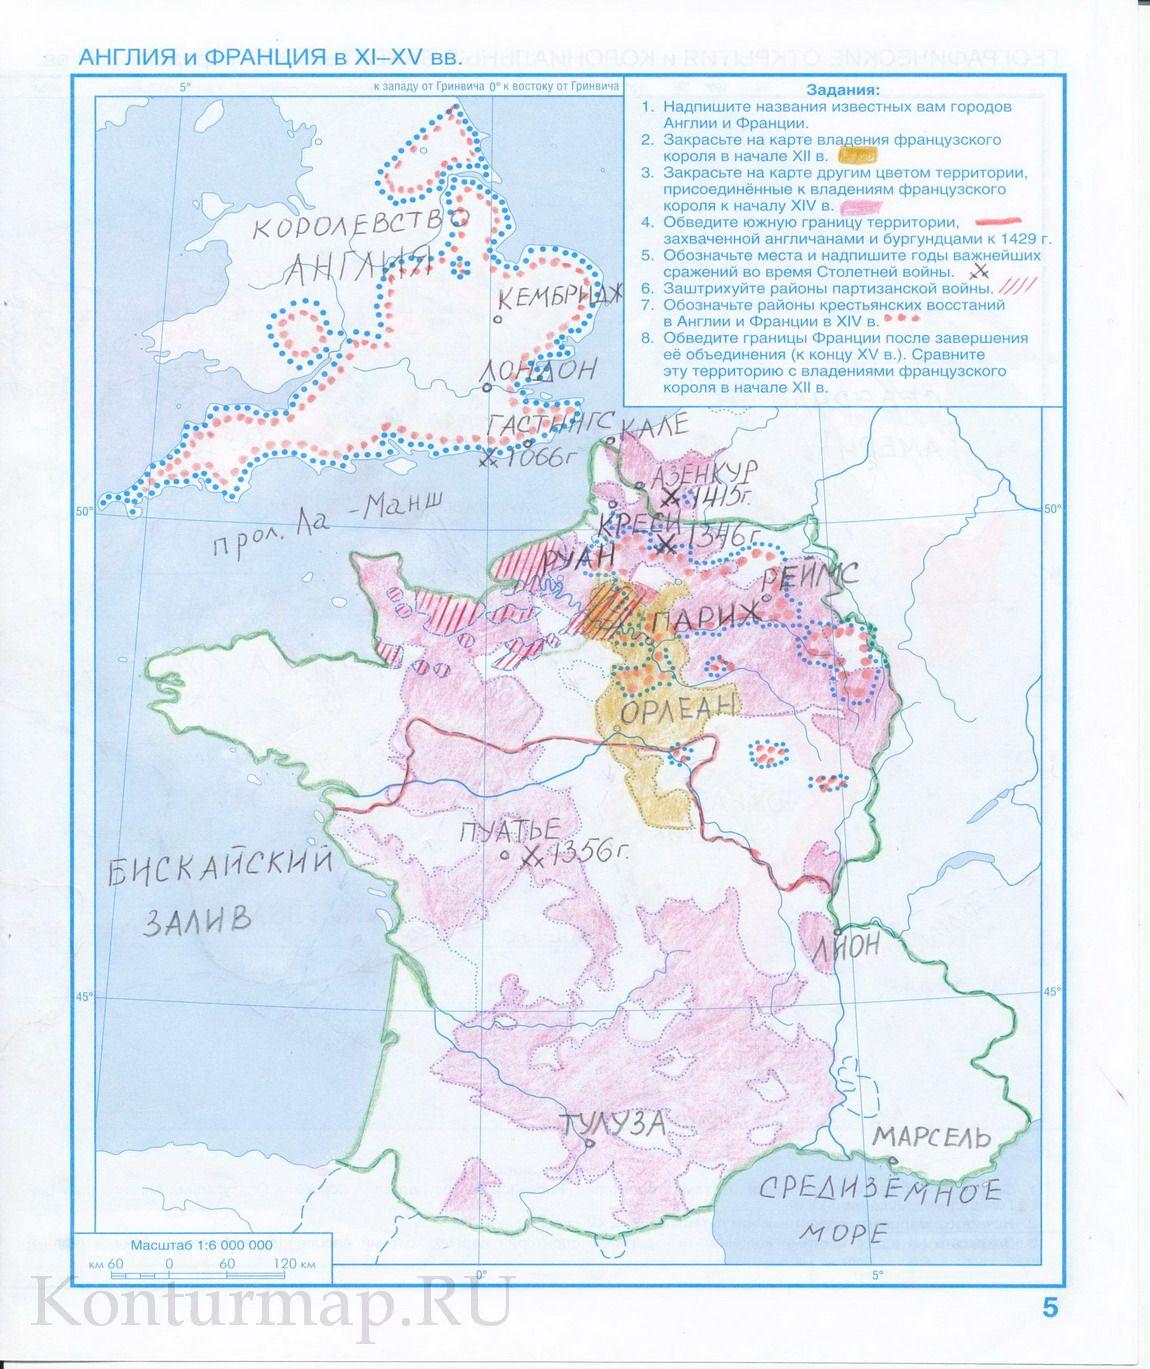 Сделанная контурная карта по истории